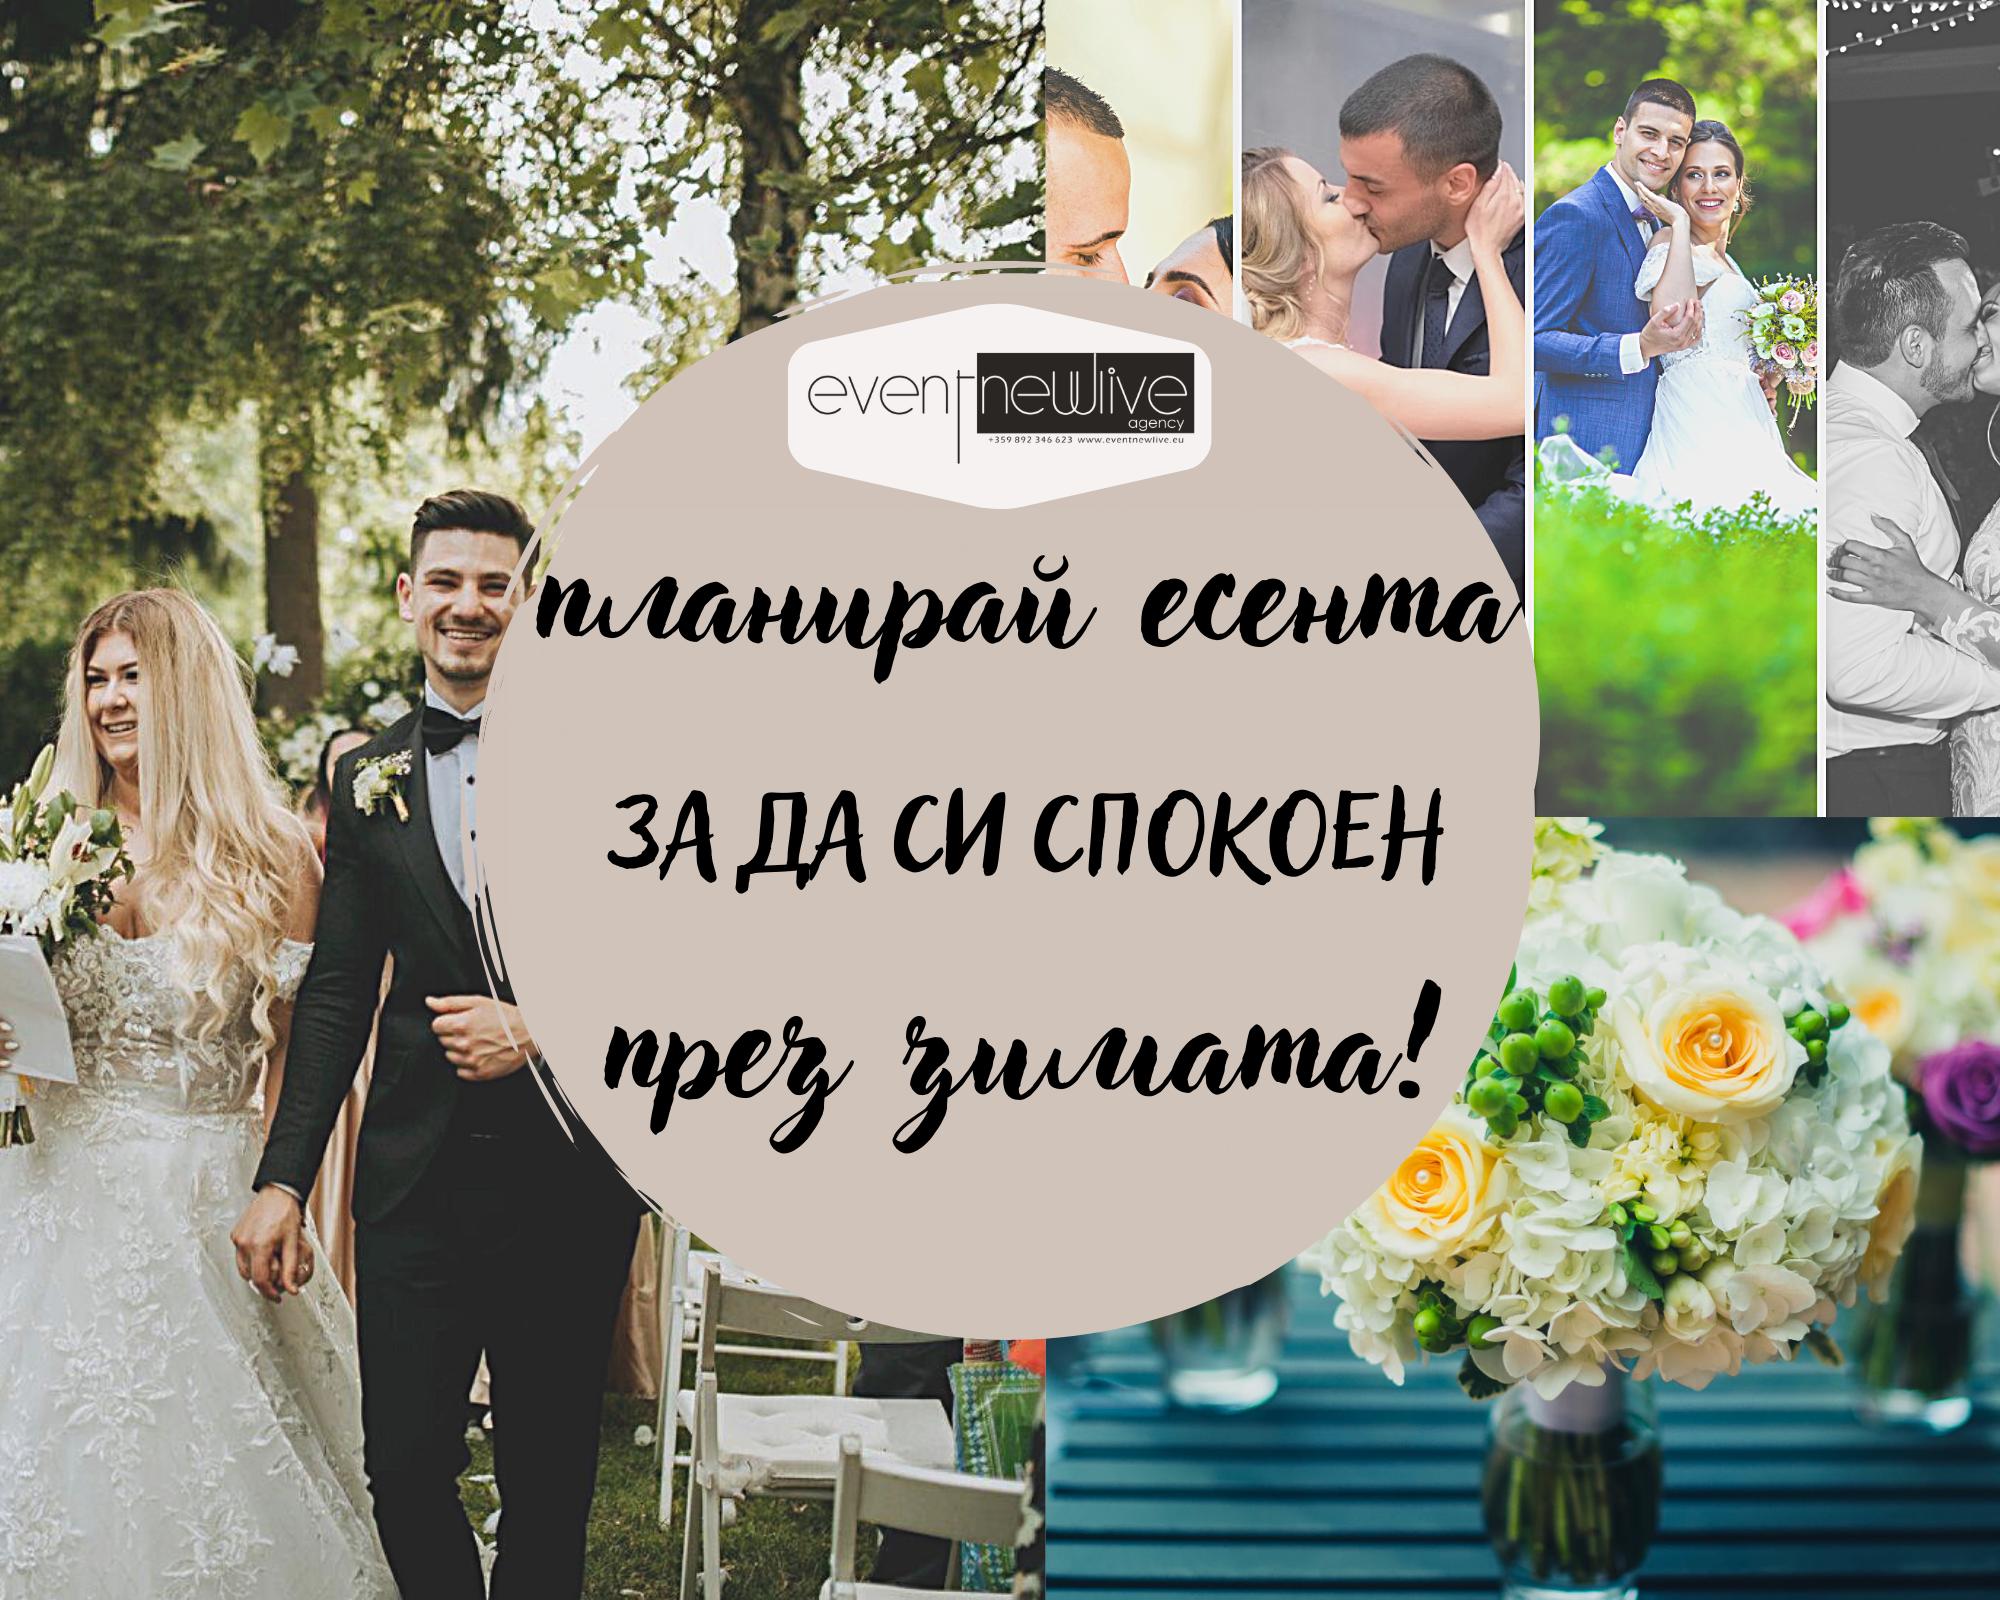 Планирай сватба през есента, за да си спокоен през зимата!